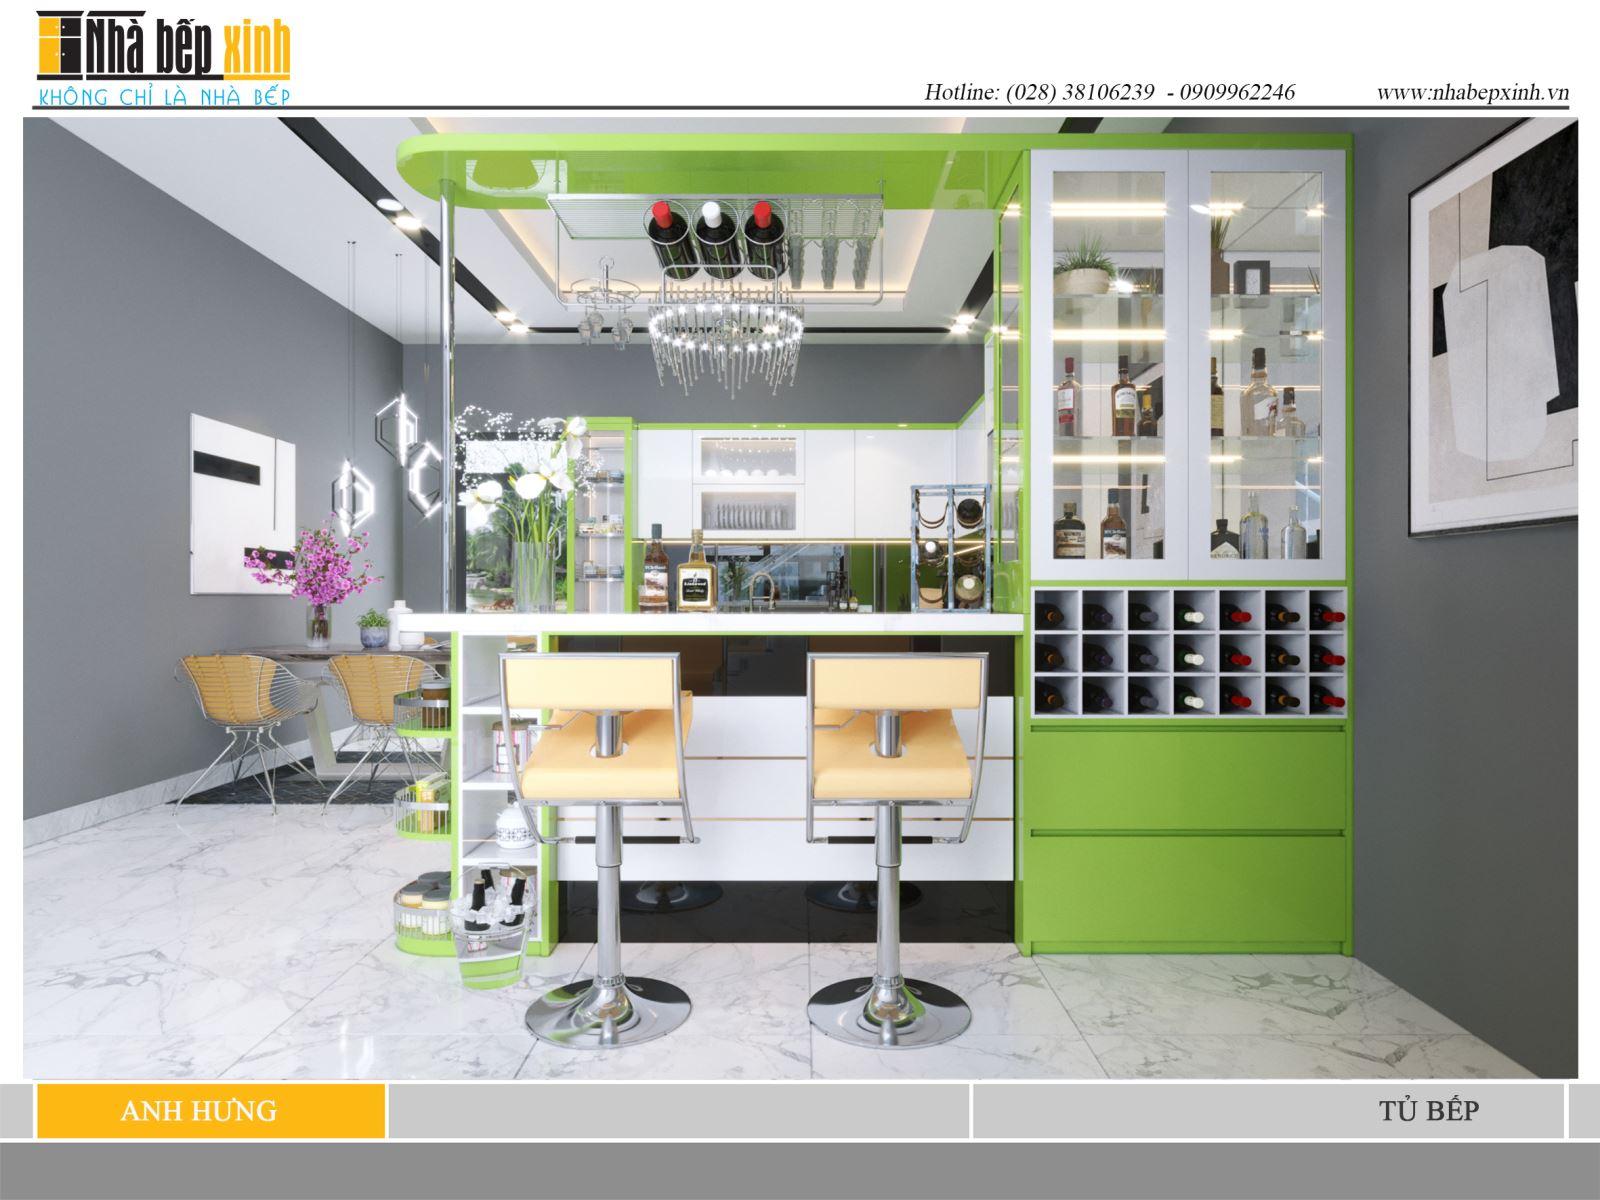 Tủ bếp màu xanh lá cây hiện đại và sang trọng